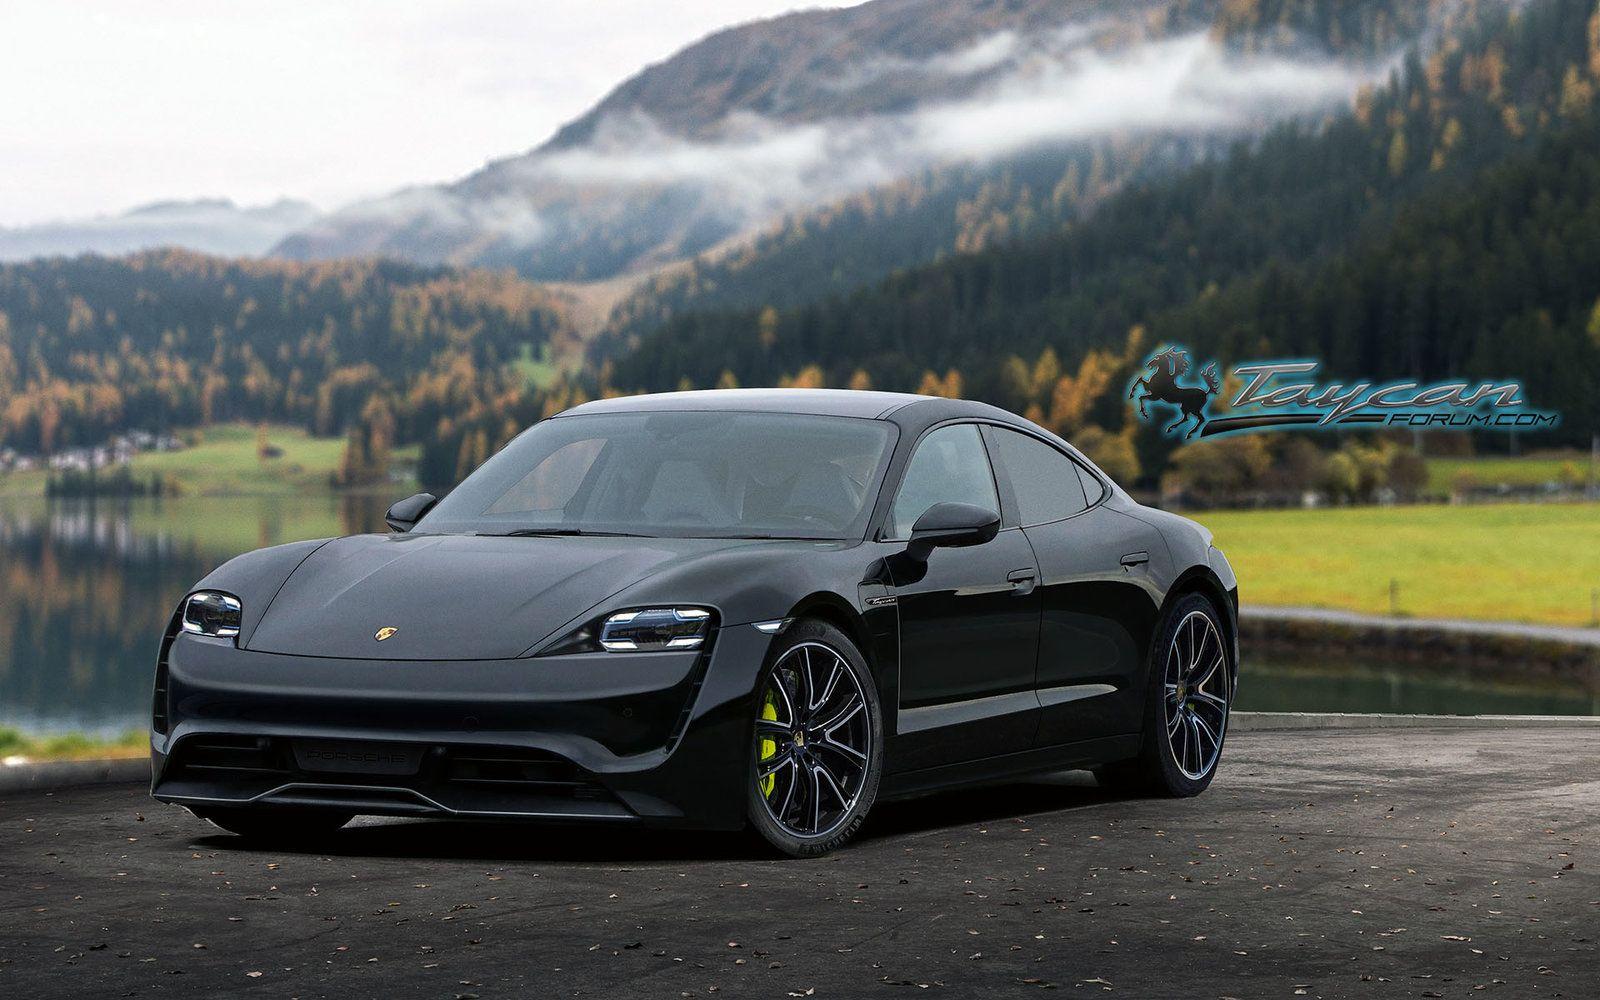 2020 Porsche Taycan EV Auto meisjes, Auto, Achtergronden